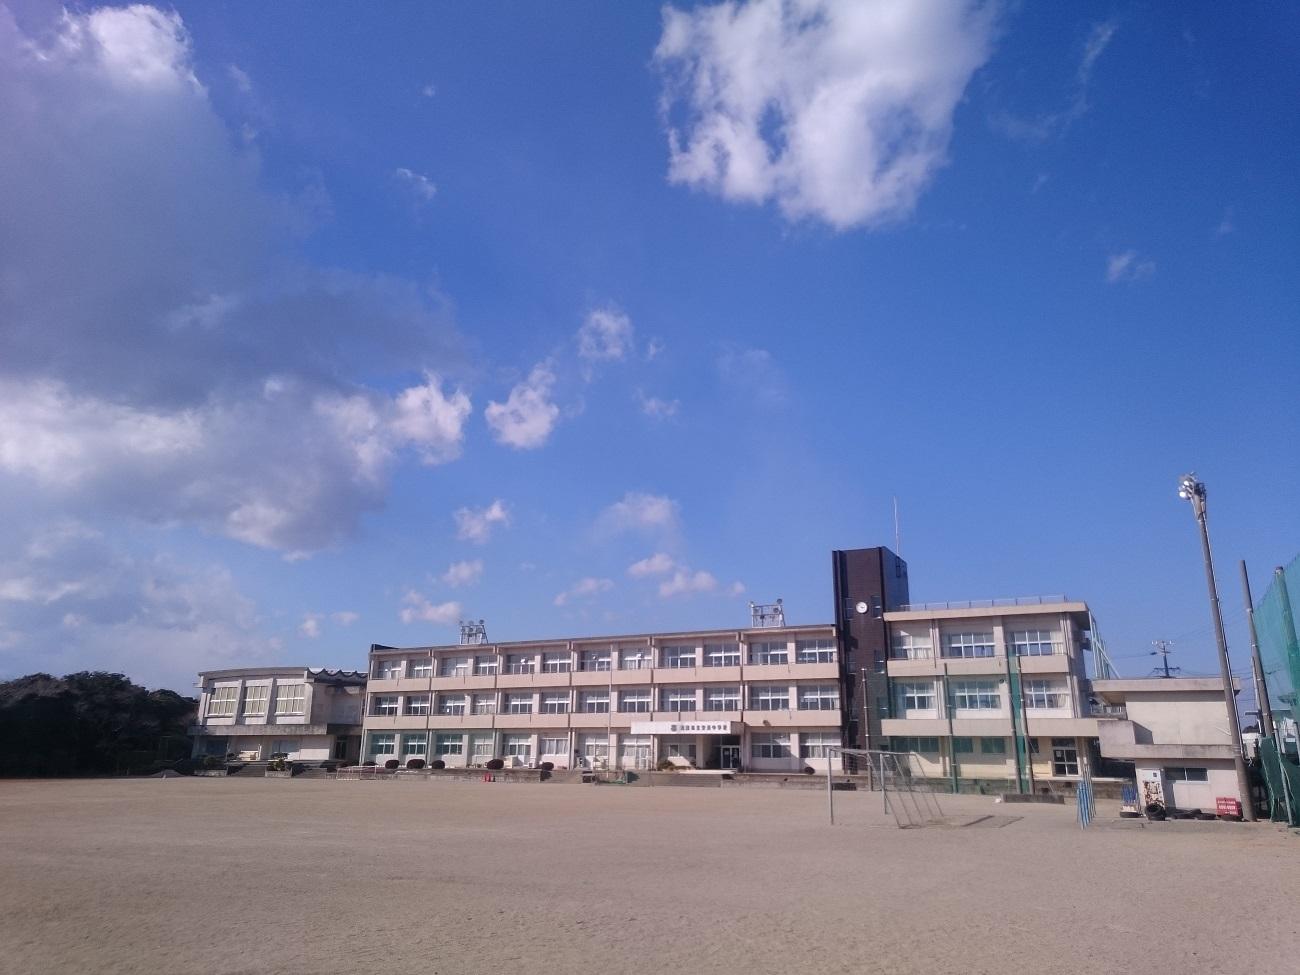 記事志摩市立安乗中学校 閉校のイメージ画像